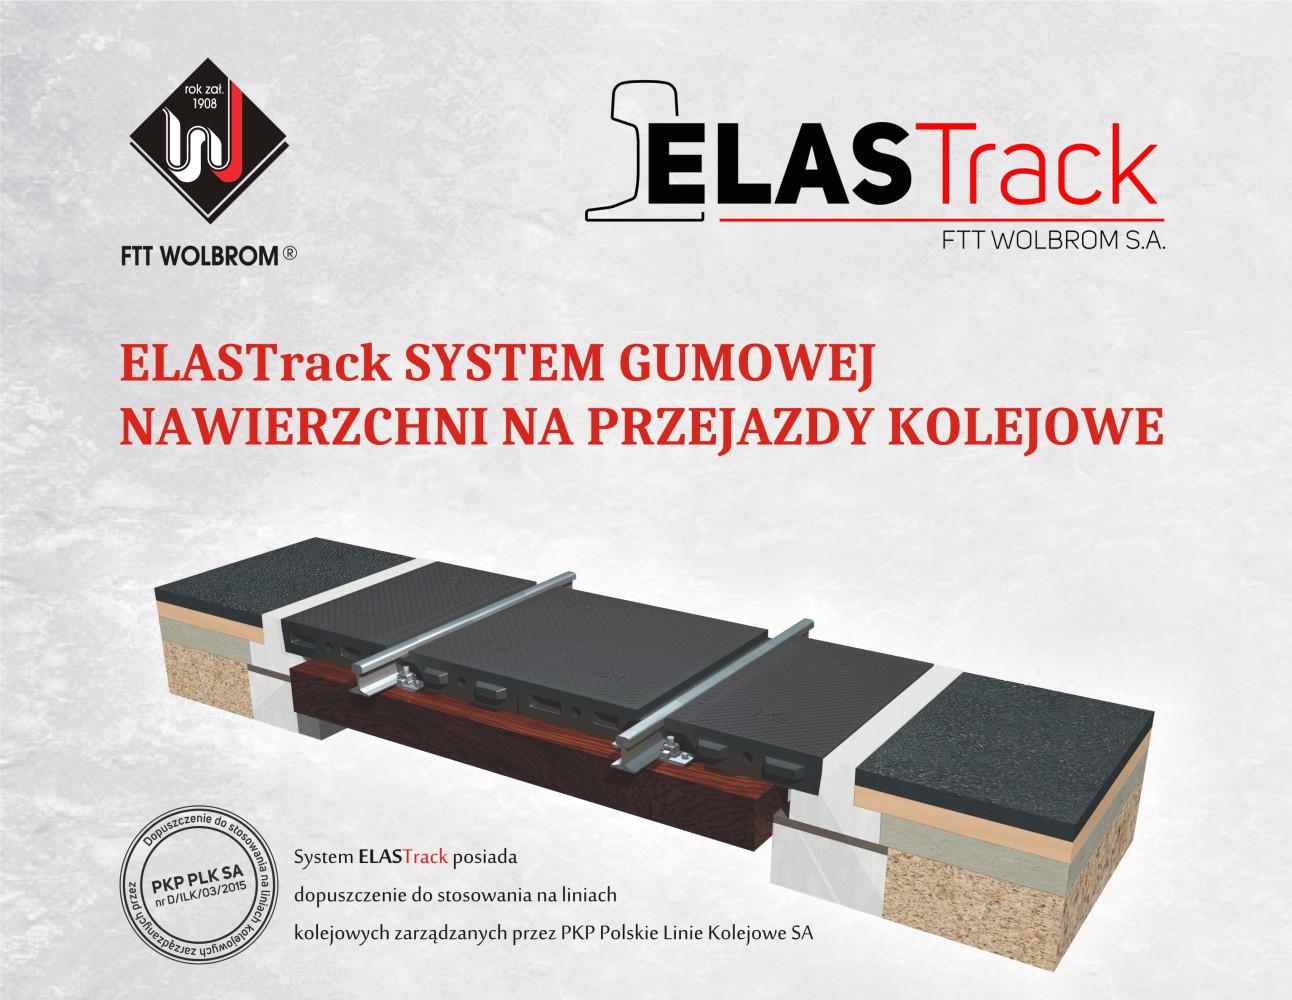 ELASTrack system gumowej nawierzchni na przejazdy kolejowe